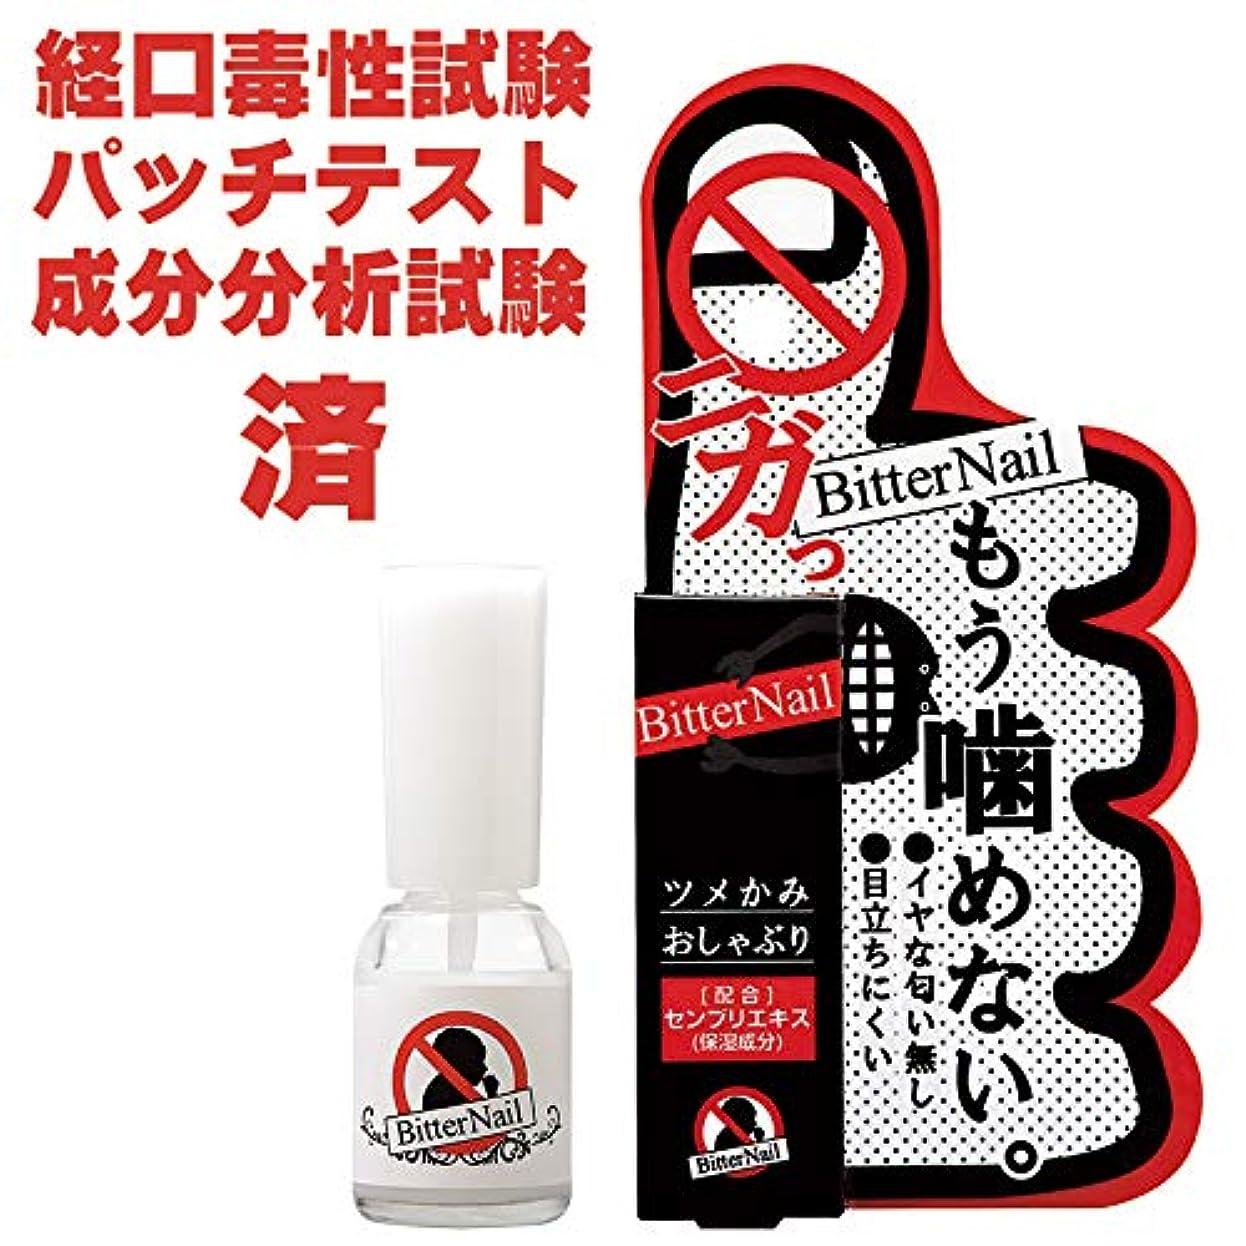 答え曲げるオンスビターネイル 8ml 爪噛み防止マニキュア